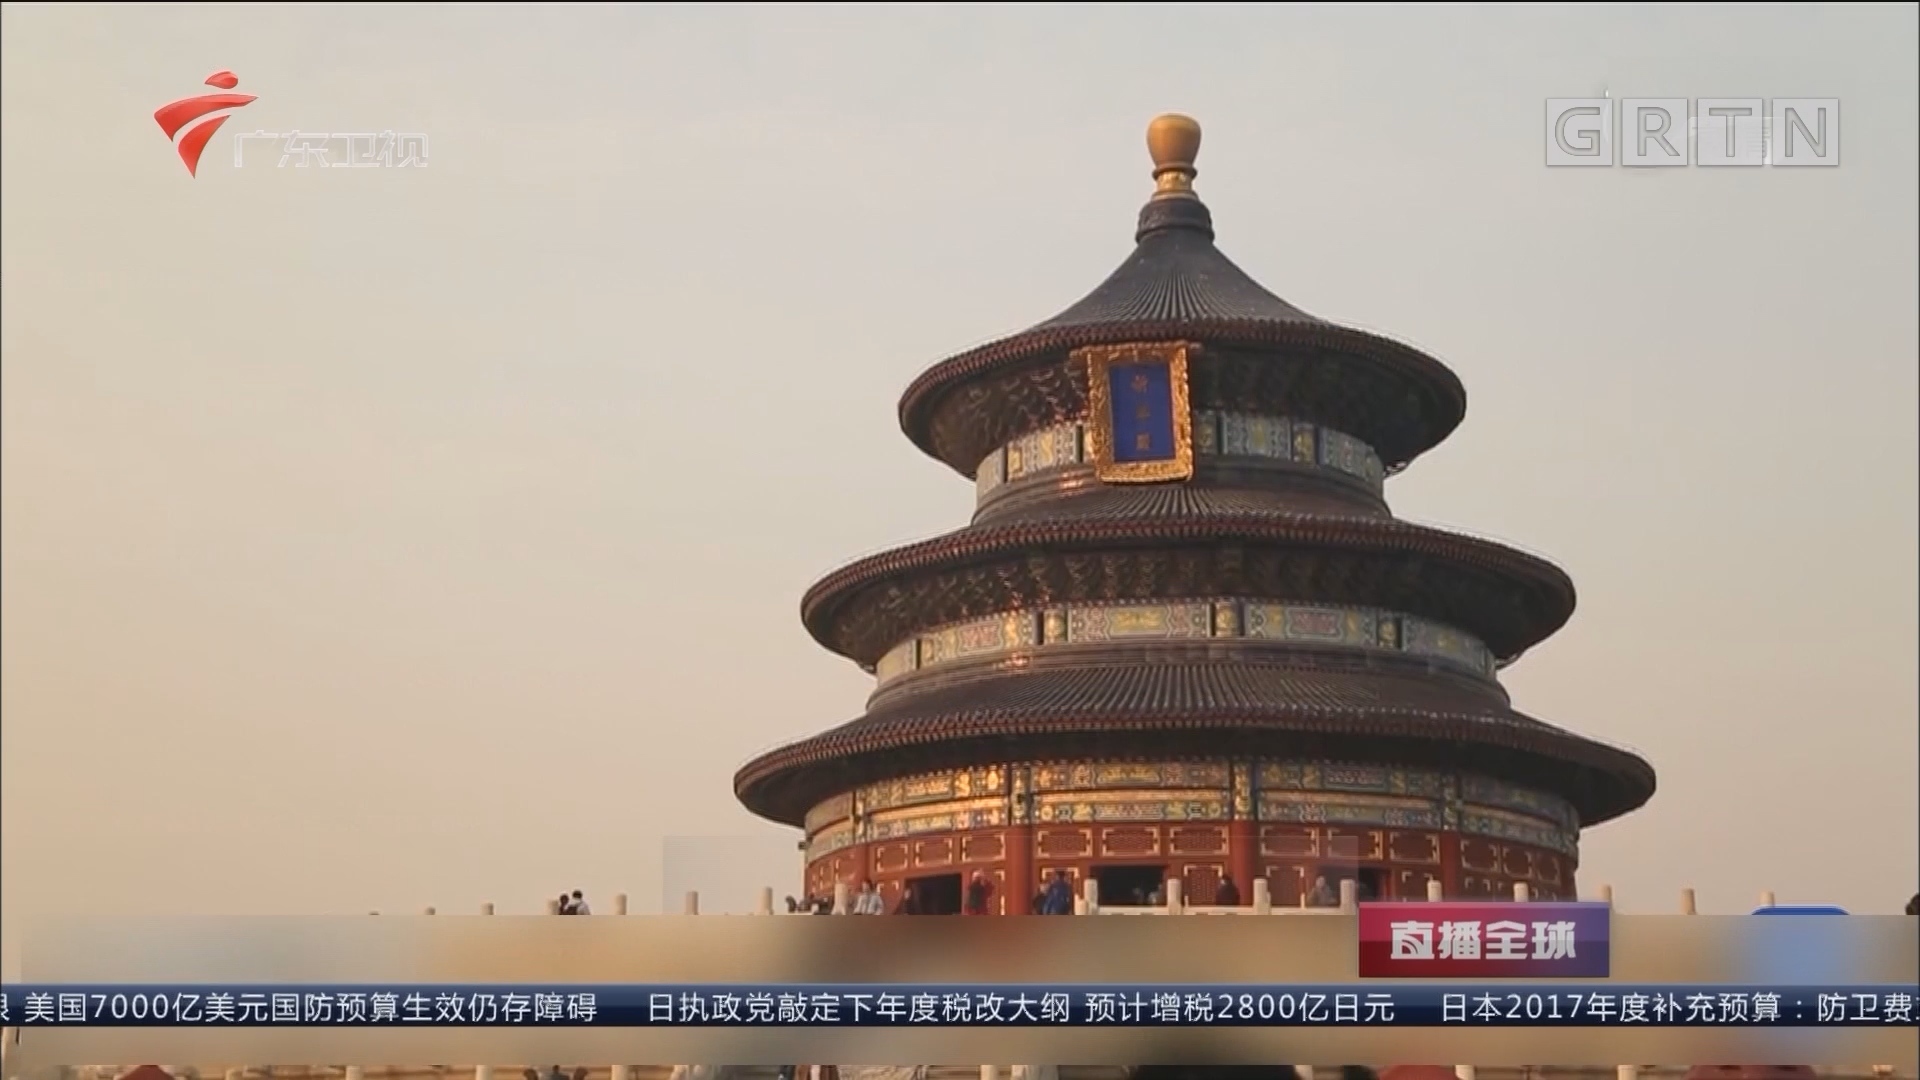 中国安全吗?听听老外怎么说 外国游客:百分之百安全!